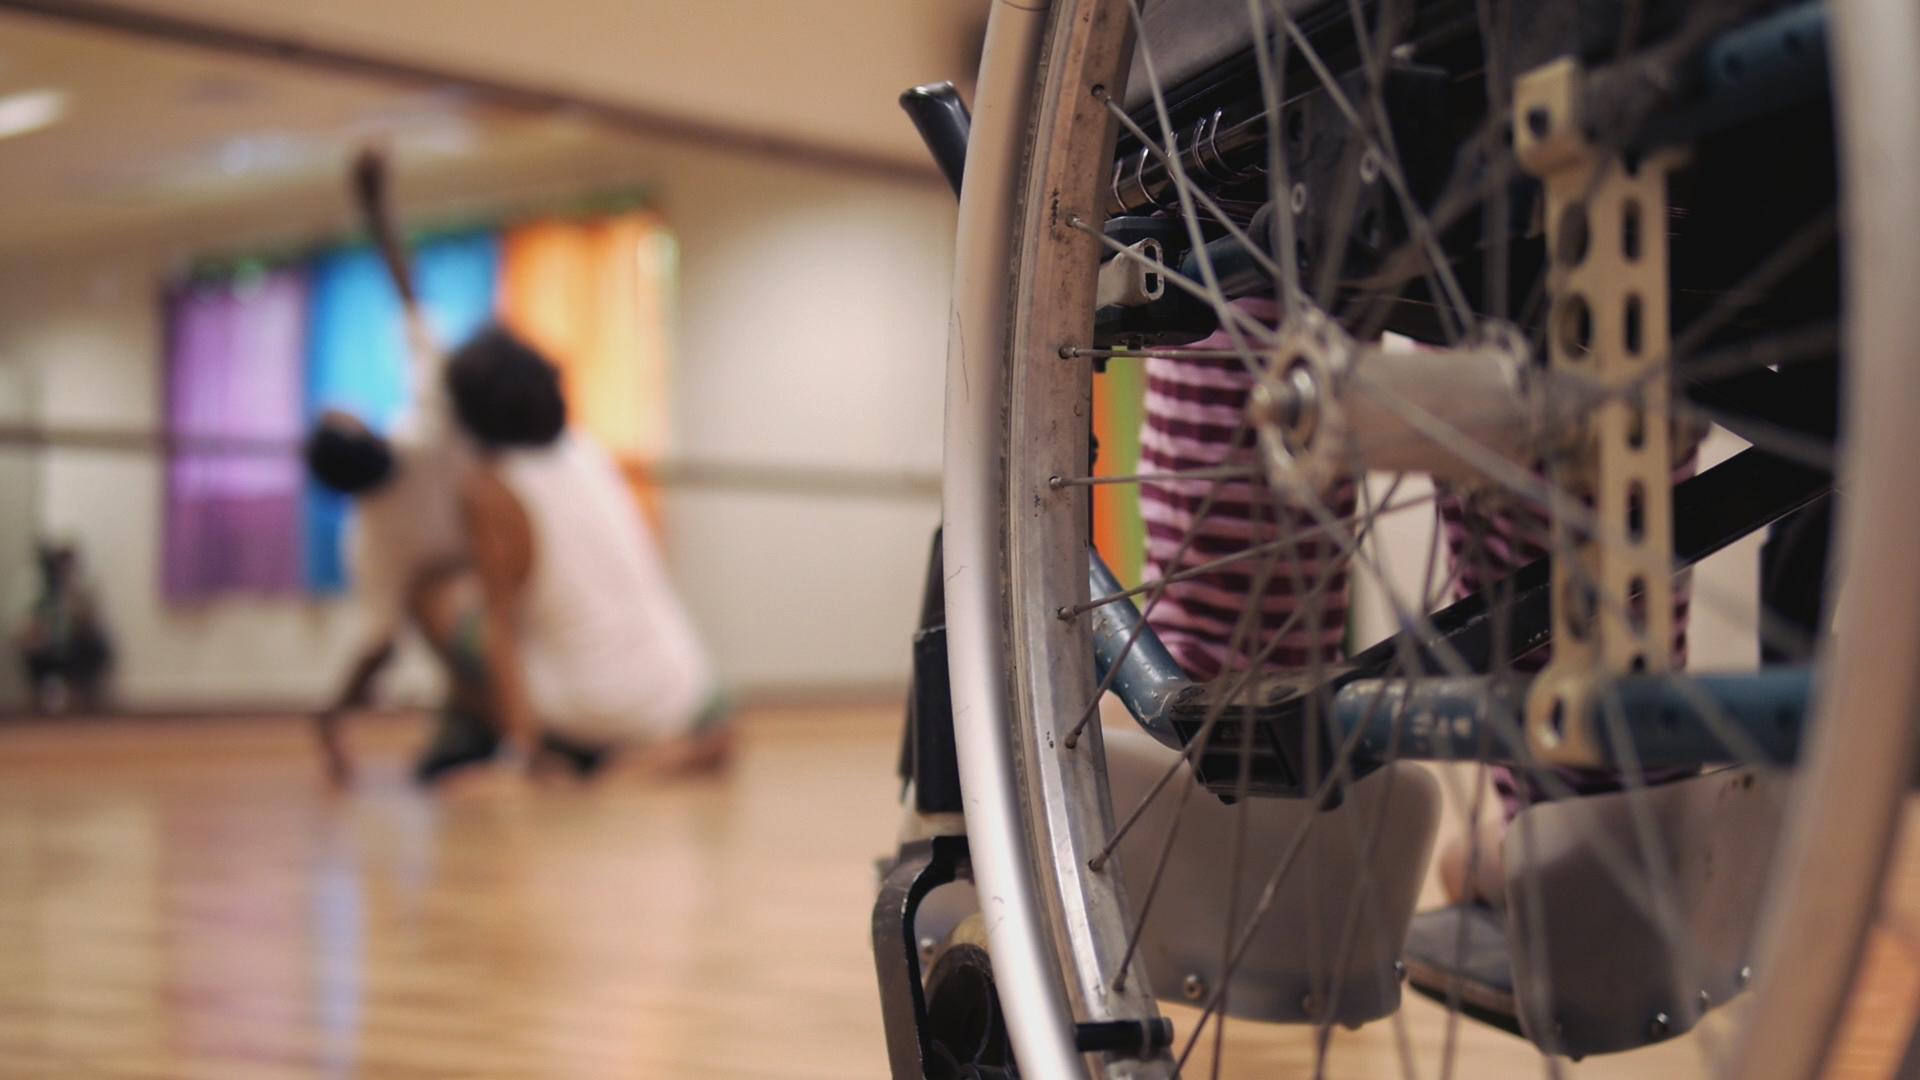 Filmer des personnes atteintes d'un handicap qui s'expriment grâce au 'ori tahiti et à la danse contemporaine, c'est le défi qu'a relevé Jacques Navarro-Rovira.